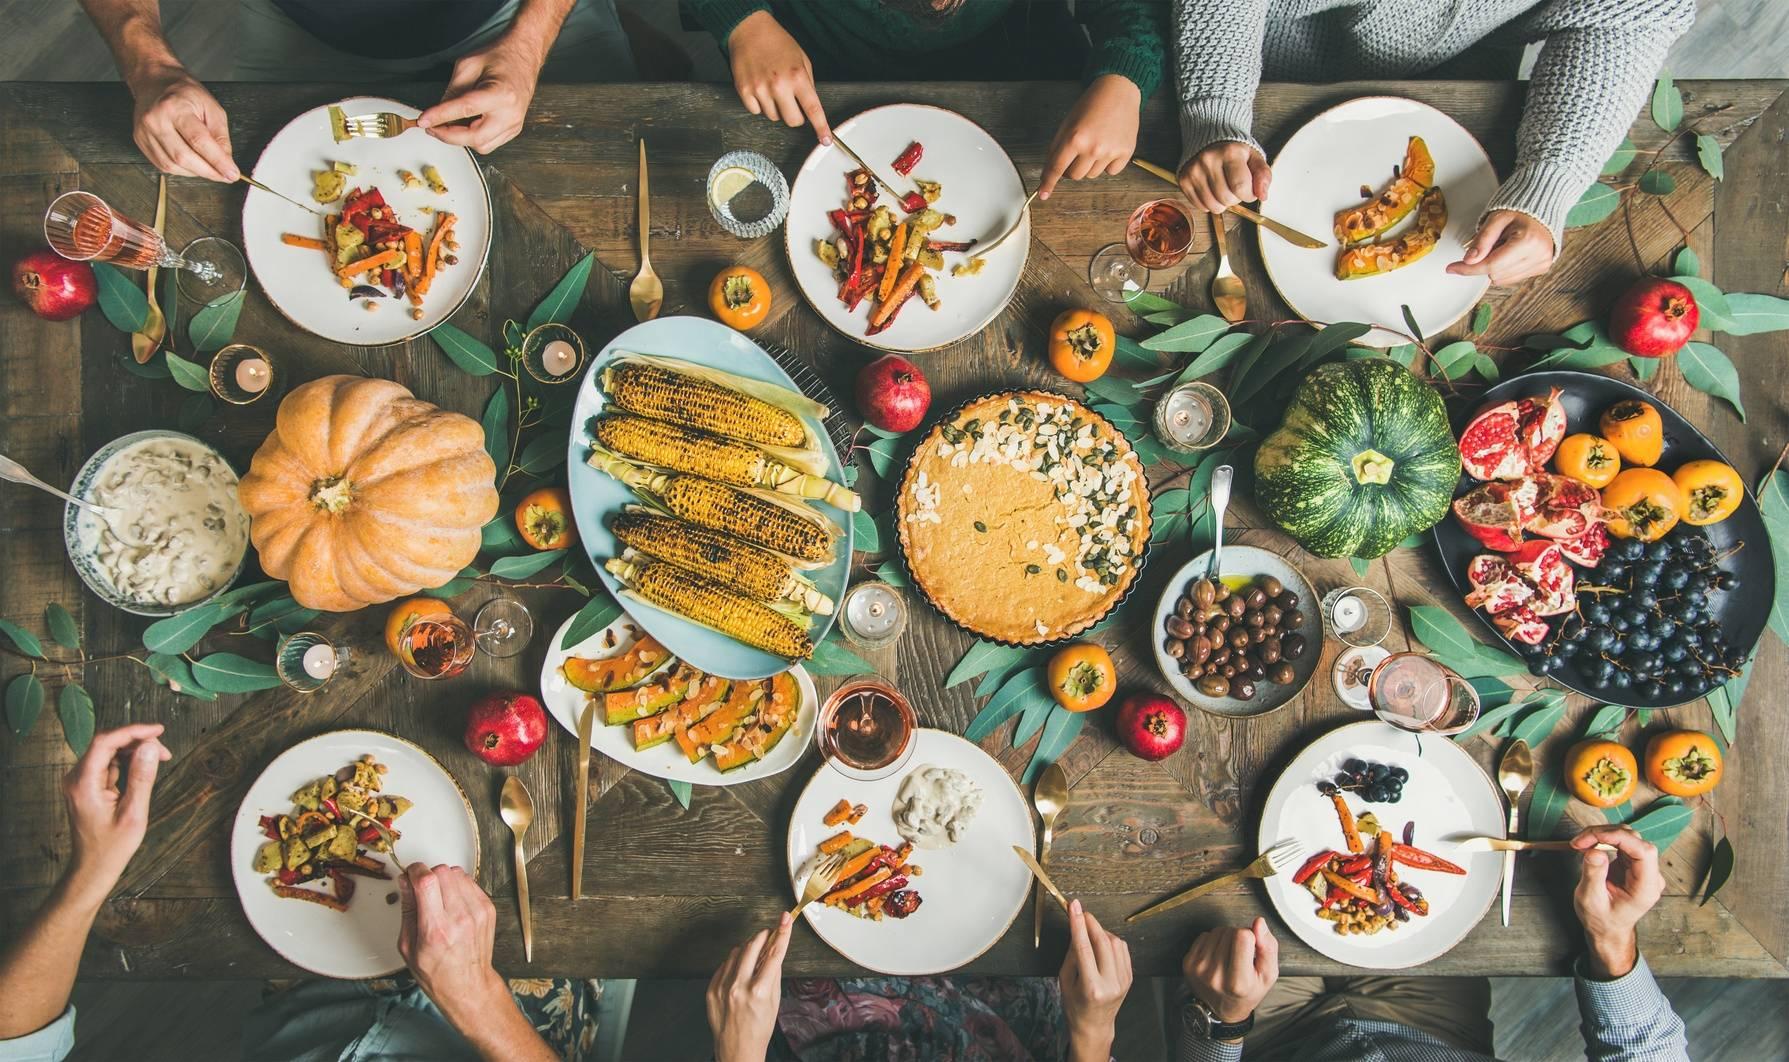 Dieta Pieciu Przemian Jak Gotowac Wg Jej Zasad Naturalnie O Zdrowiu